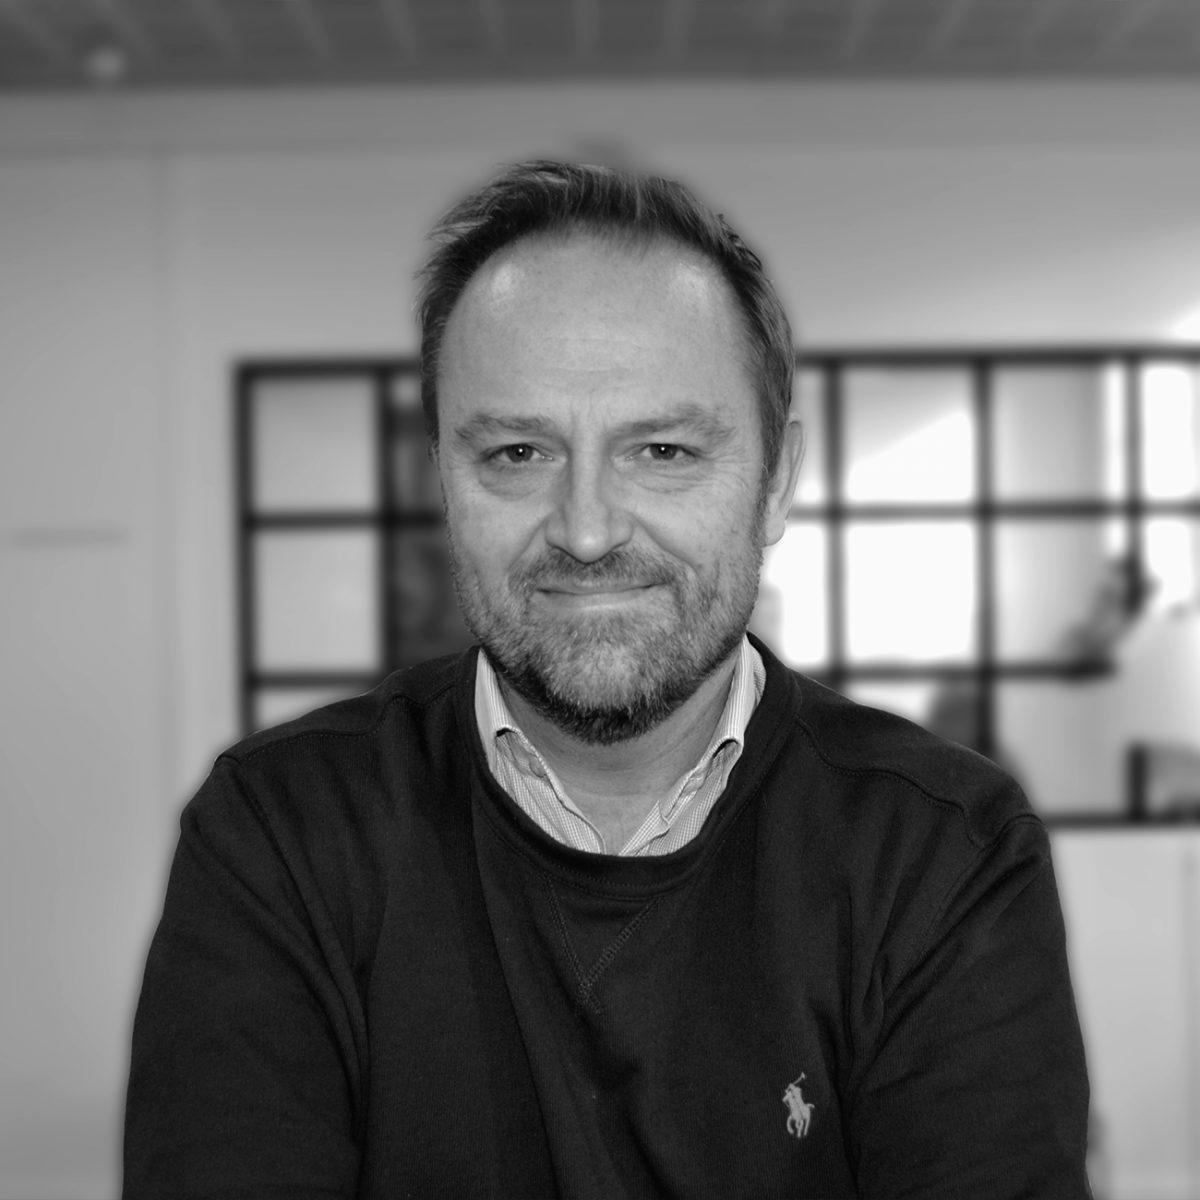 http://horisontgruppen.dk/wp-content/uploads/2016/10/Hans_Strandlodsvej_cropped-1200x1200.jpg